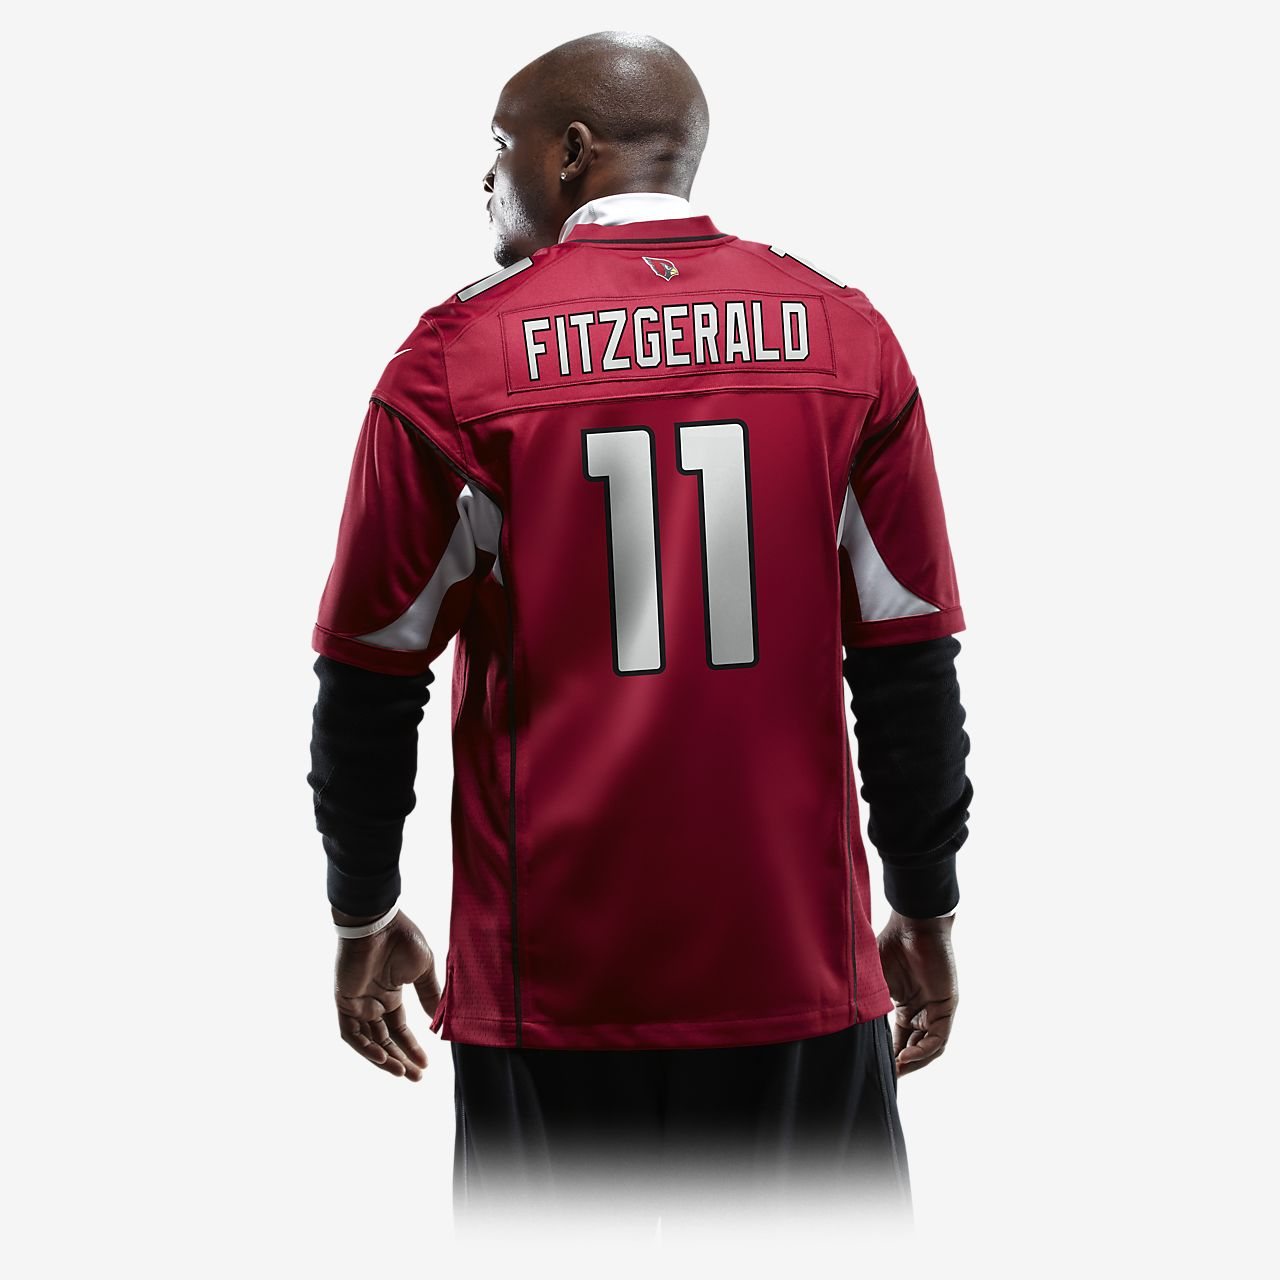 pretty nice f0b86 596fd NFL Arizona Cardinals (Larry Fitzgerald) American Football Herren-Trikot